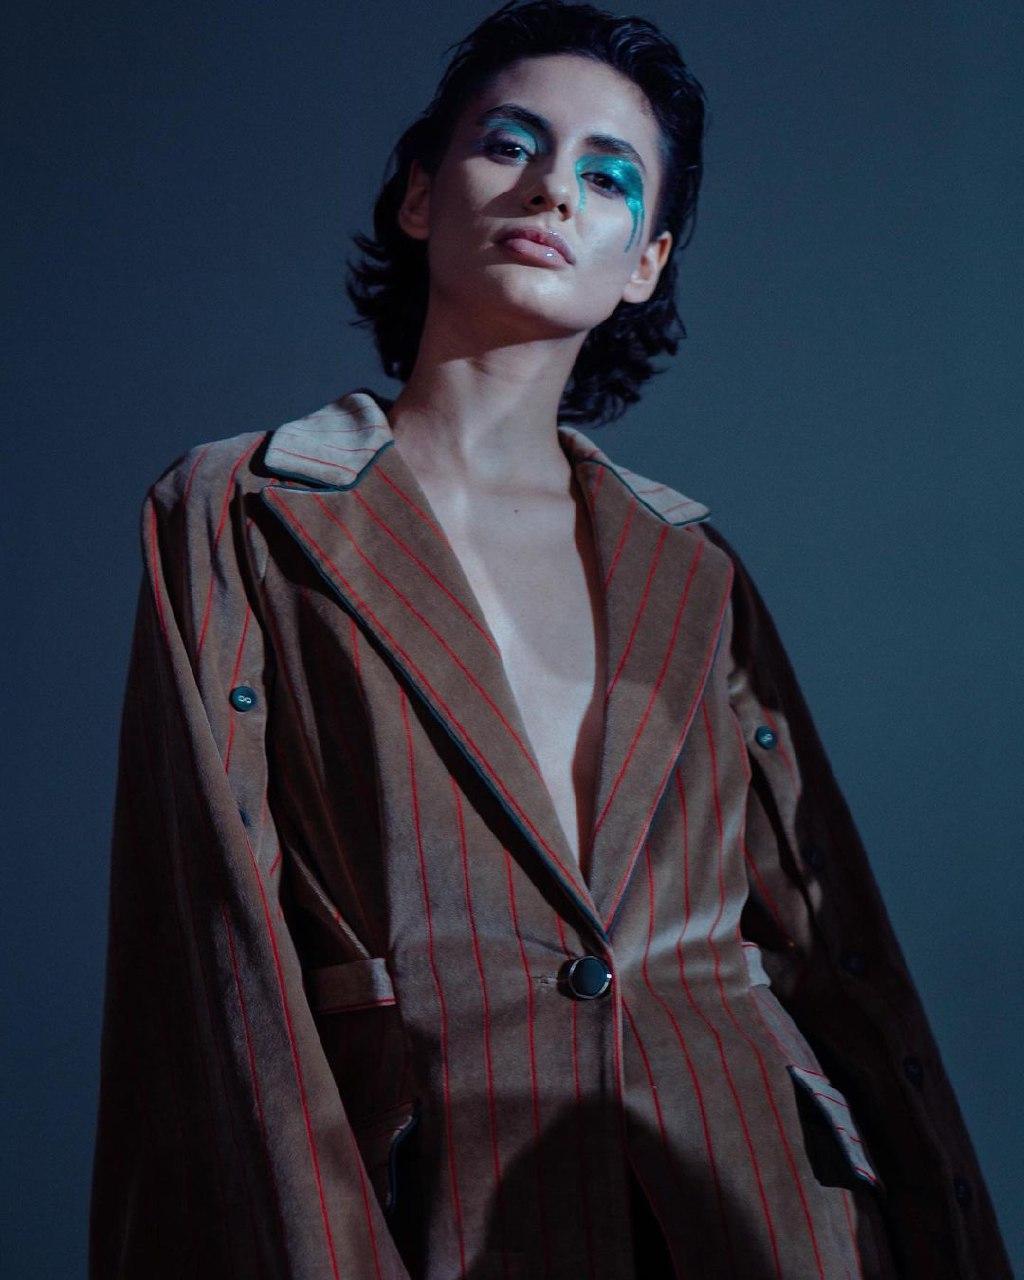 Супер Топ-модели по-украински настя панова модель Ukrainian Fashion Week